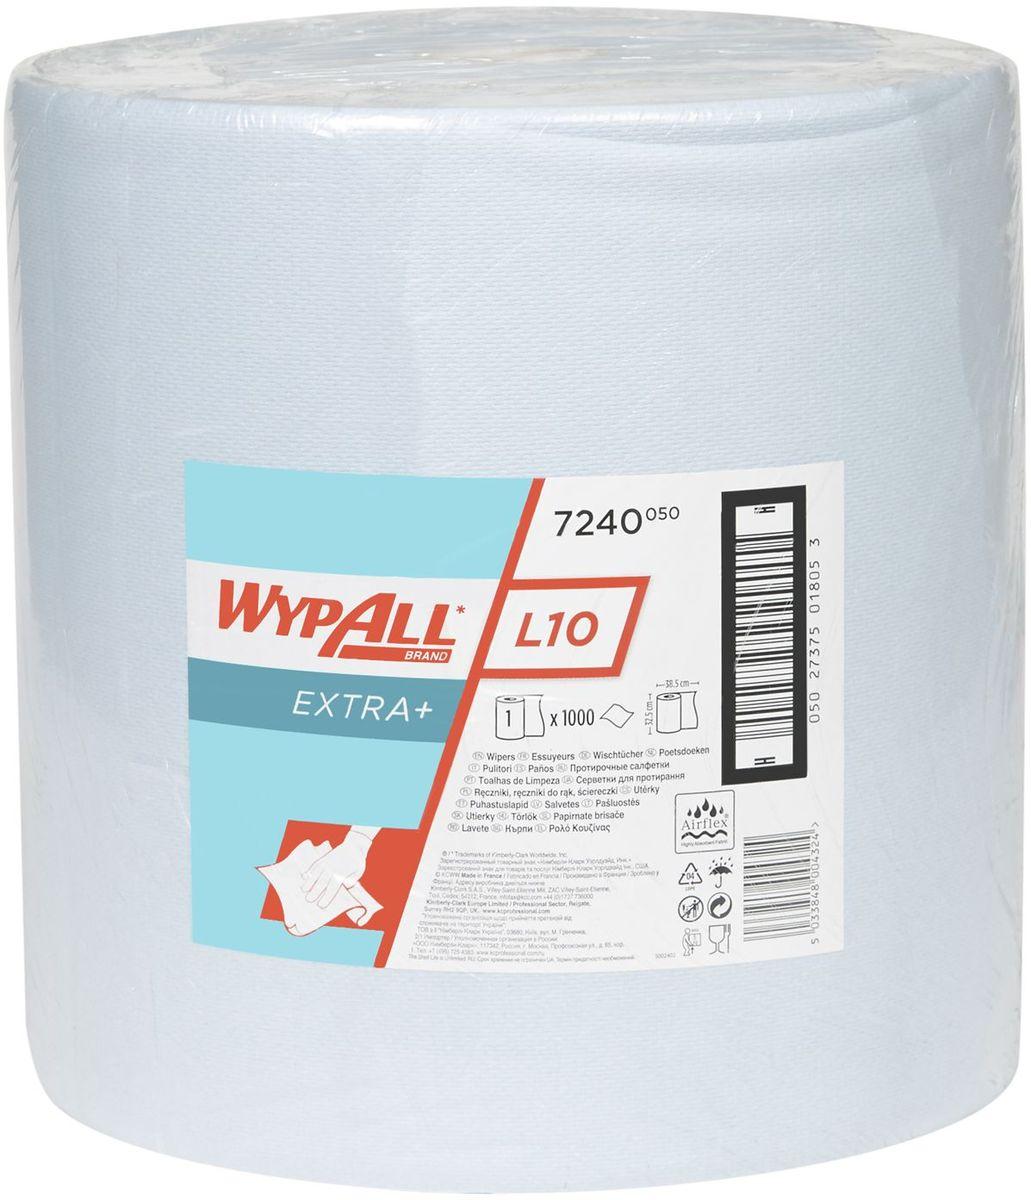 Полотенца бумажные Wypall  L10 Extra , 1000 шт. 7240 - Туалетная бумага, салфетки